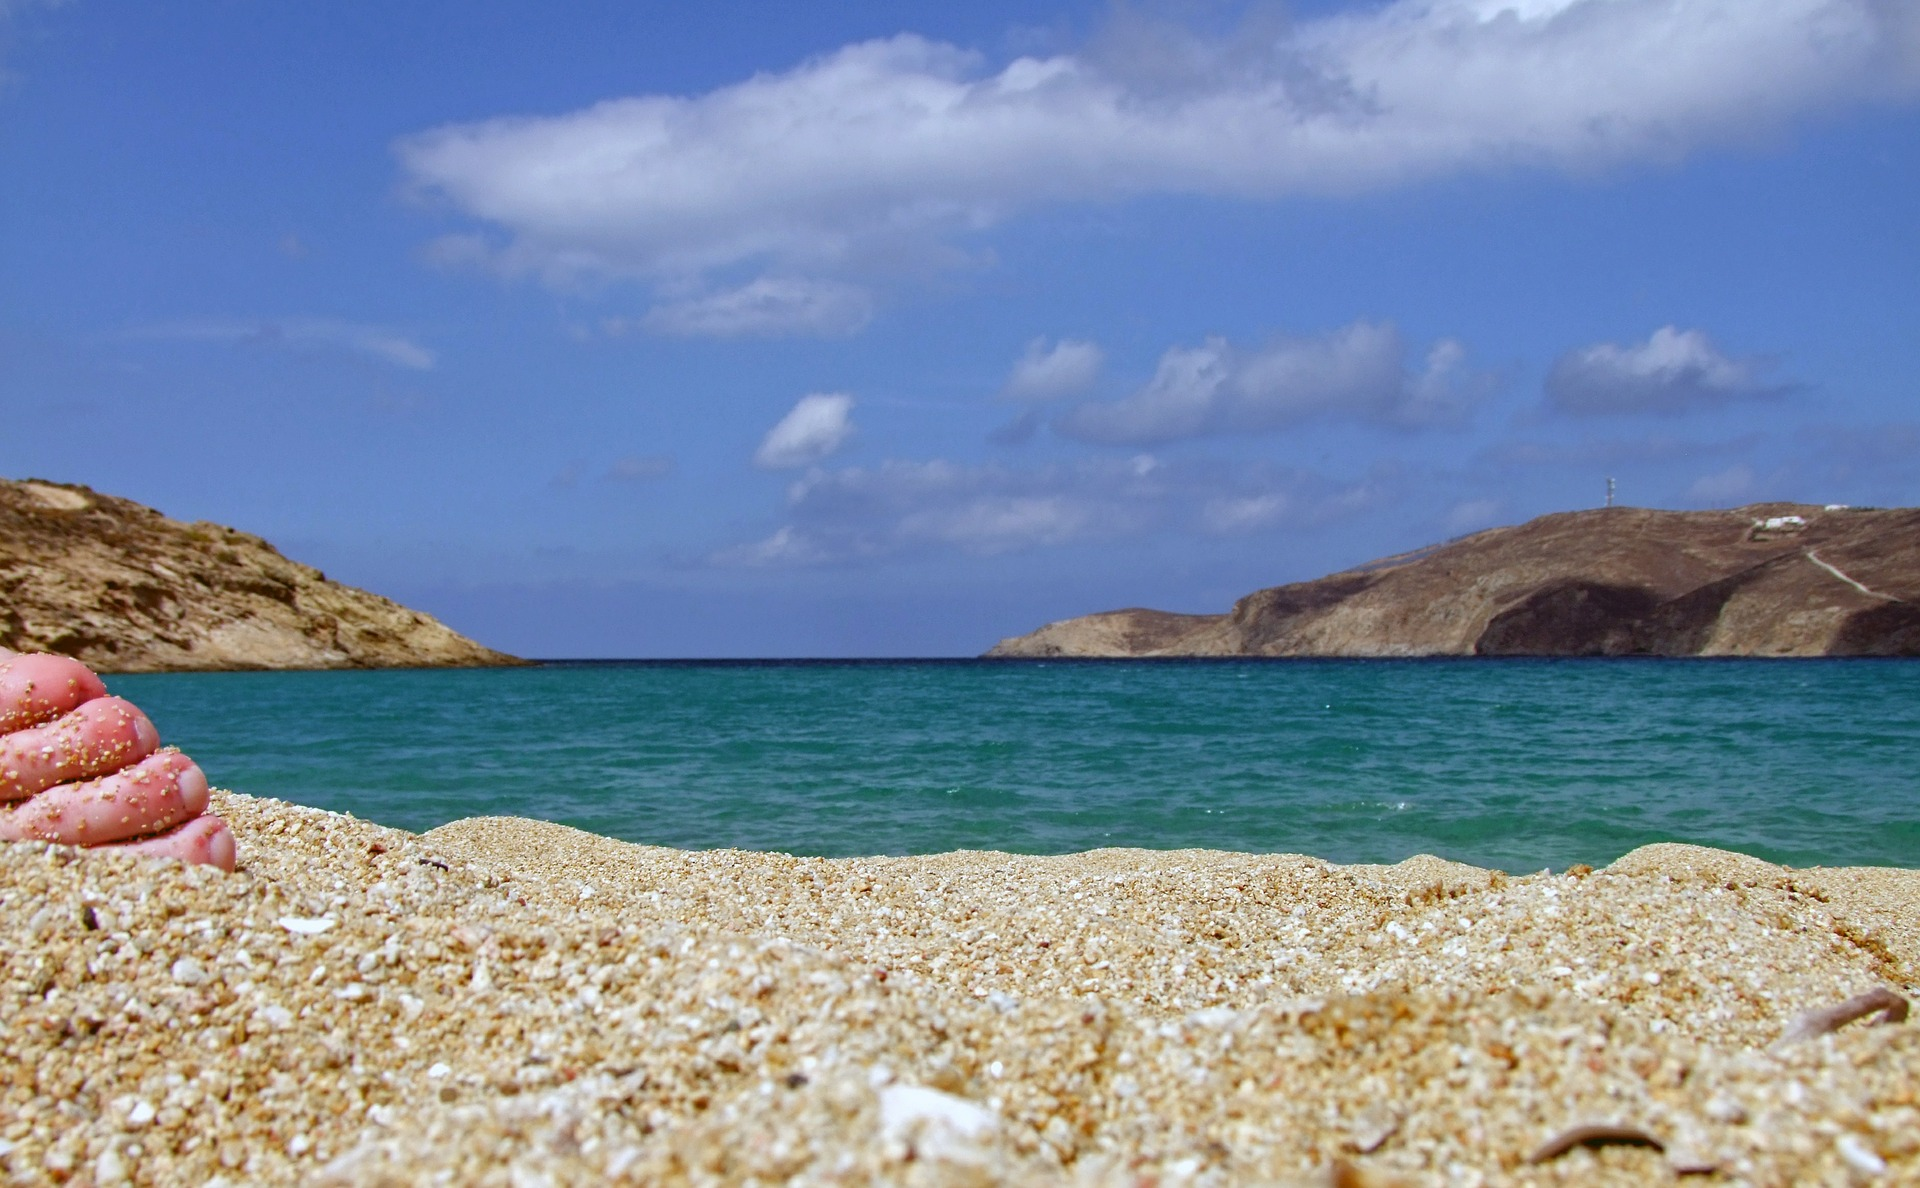 beach-480839_1920